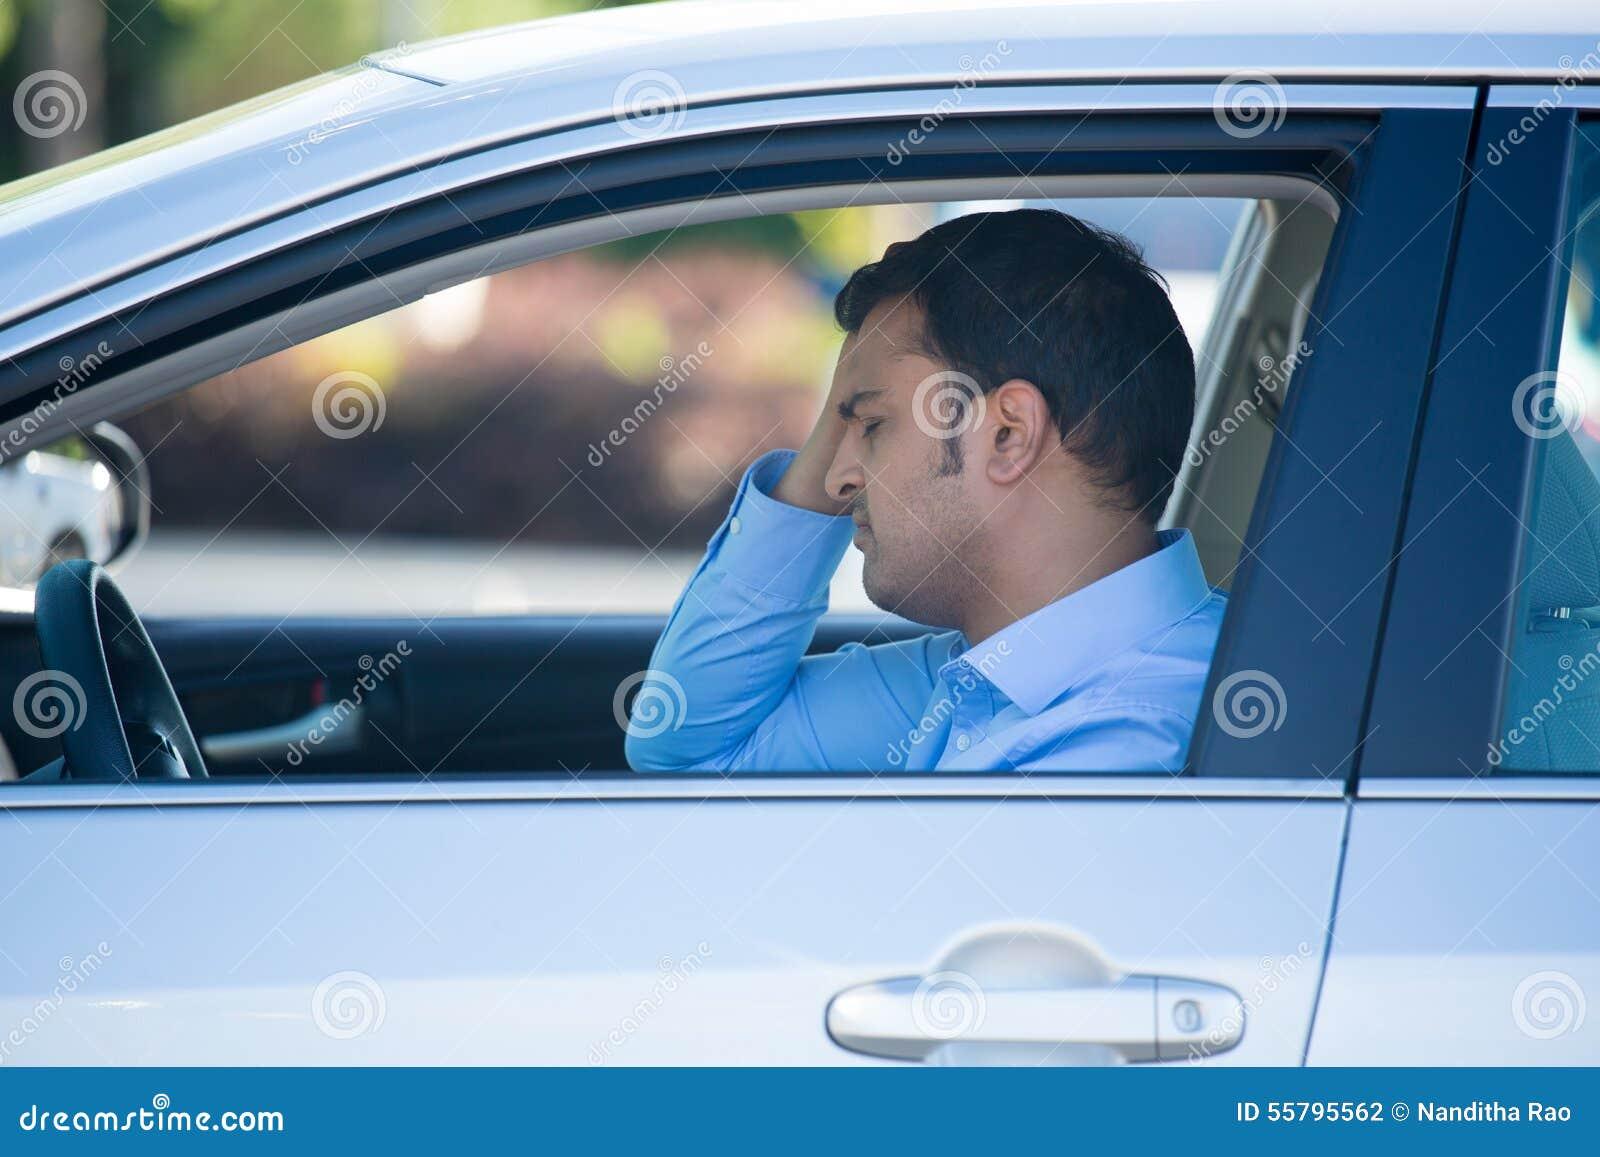 Napędowy mężczyzna spęczenie i stresujący się w samochodzie